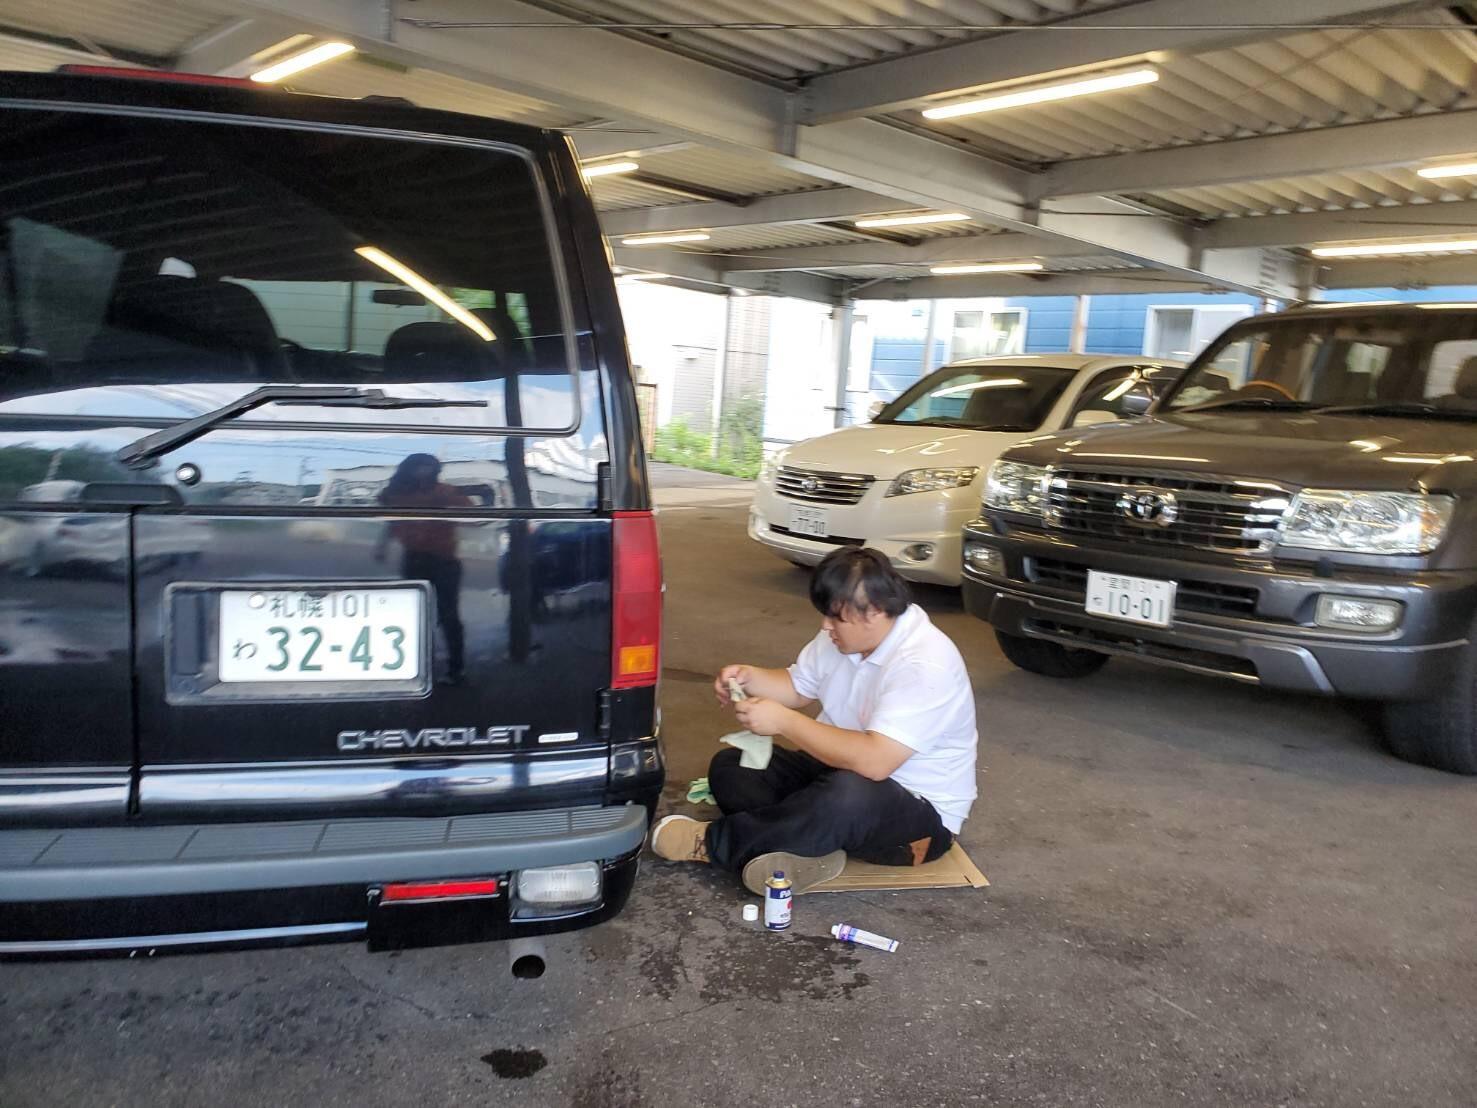 8月31日[土]本店ブログ☆ハマー K様納車!!決算セールやってます✊ランクル ハマー ベンツ♡TOMMY♡_b0127002_19030669.jpg